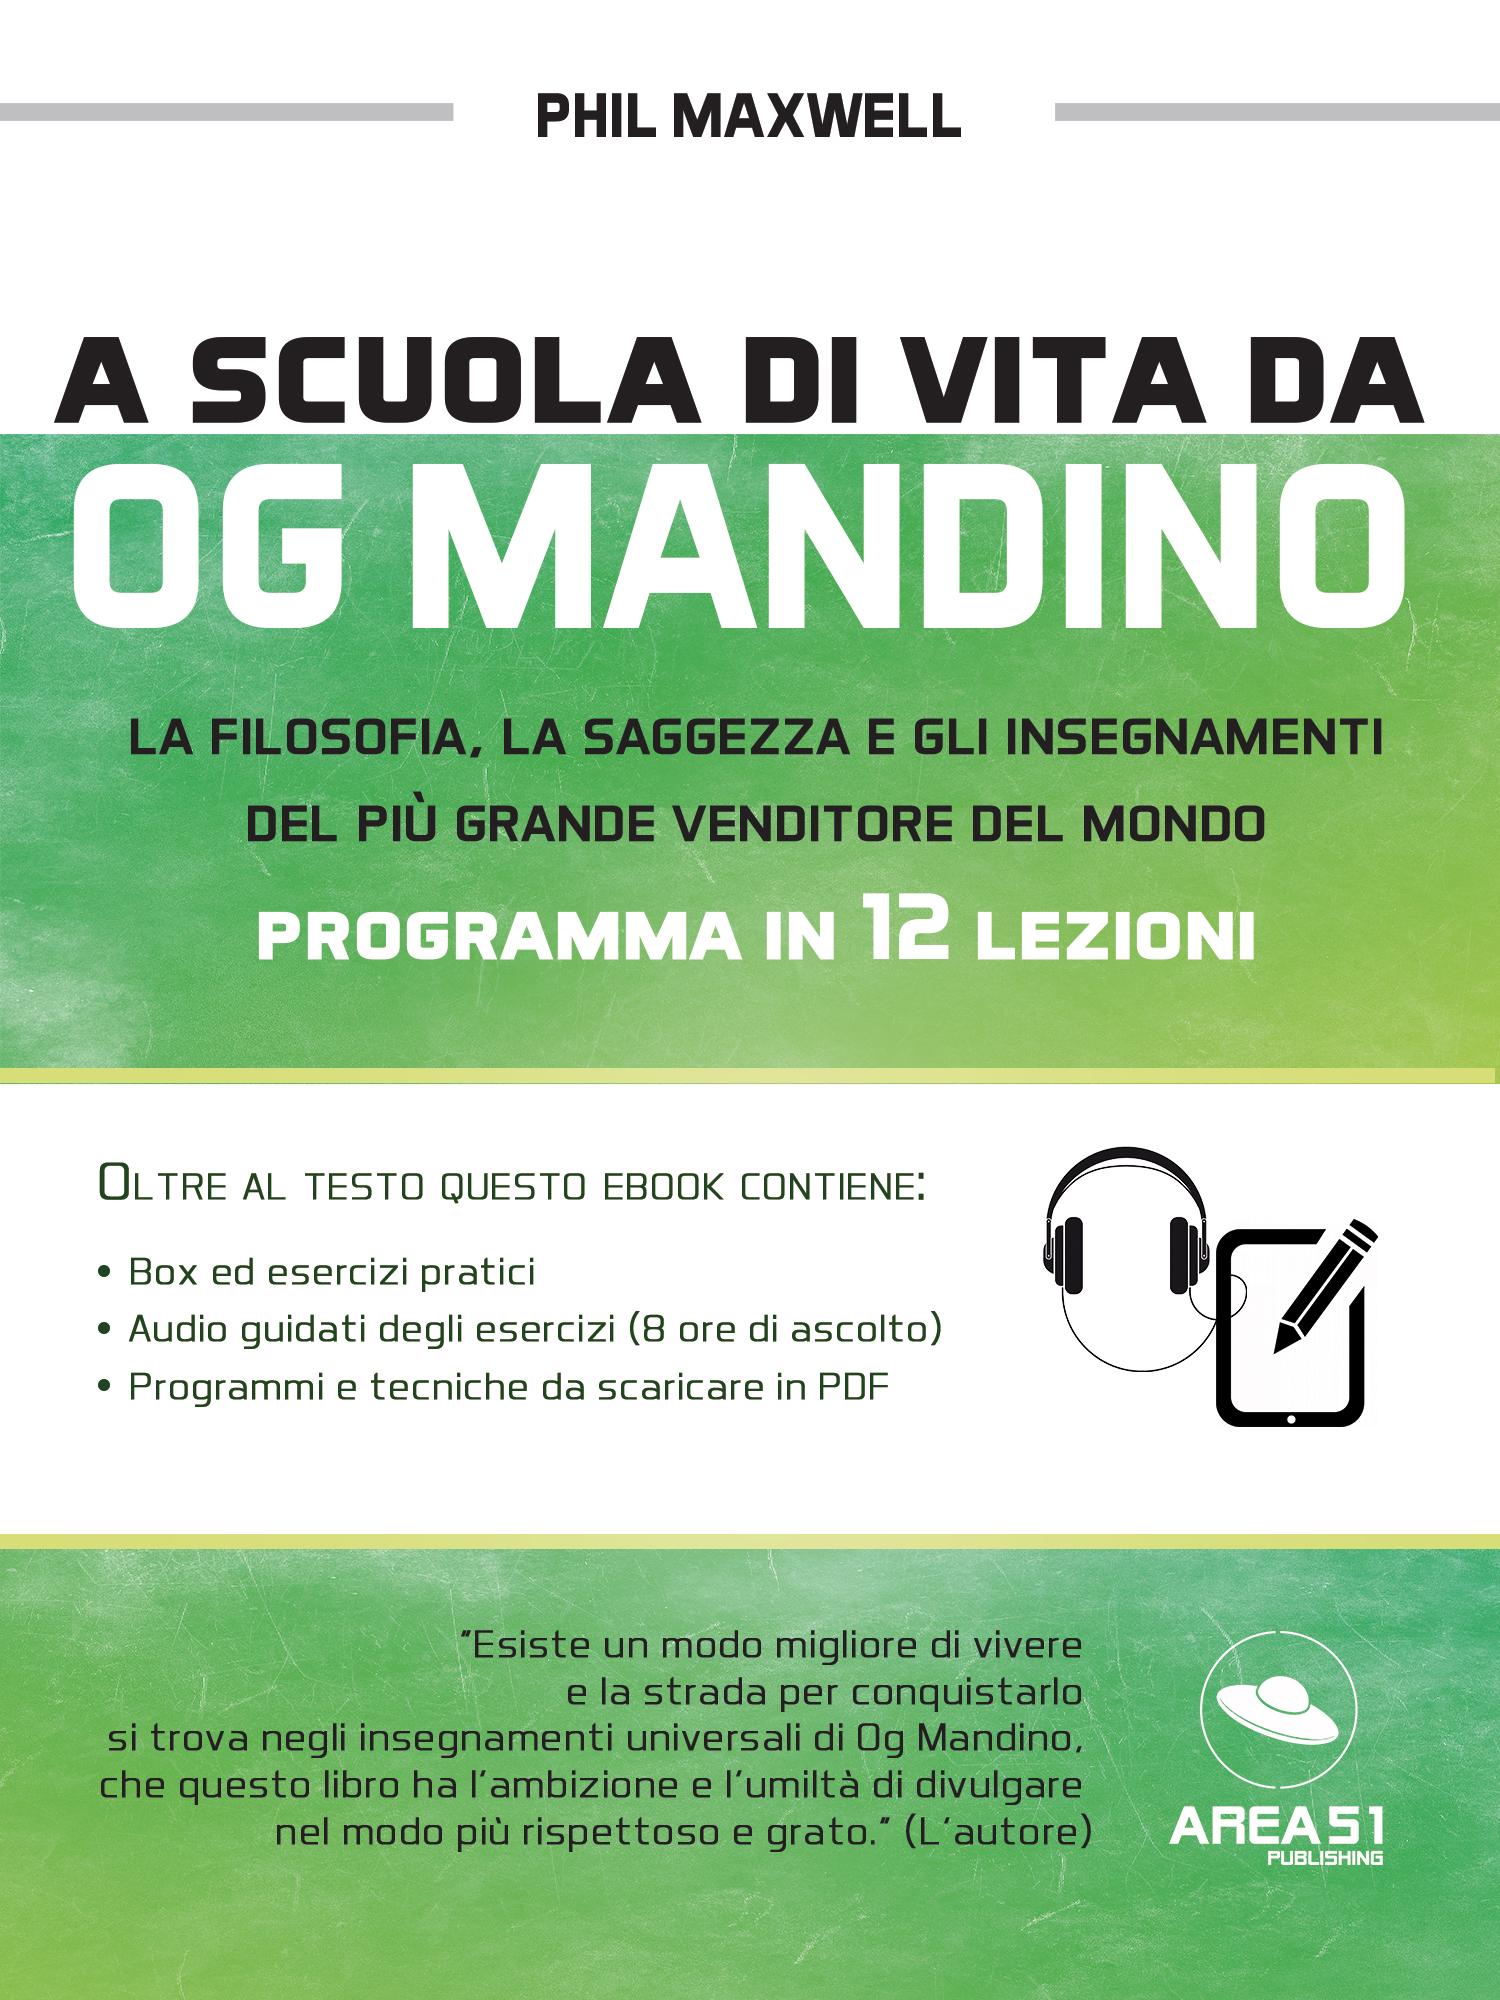 A scuola di vita da Og mandino. Programma in 12 lezioni-0